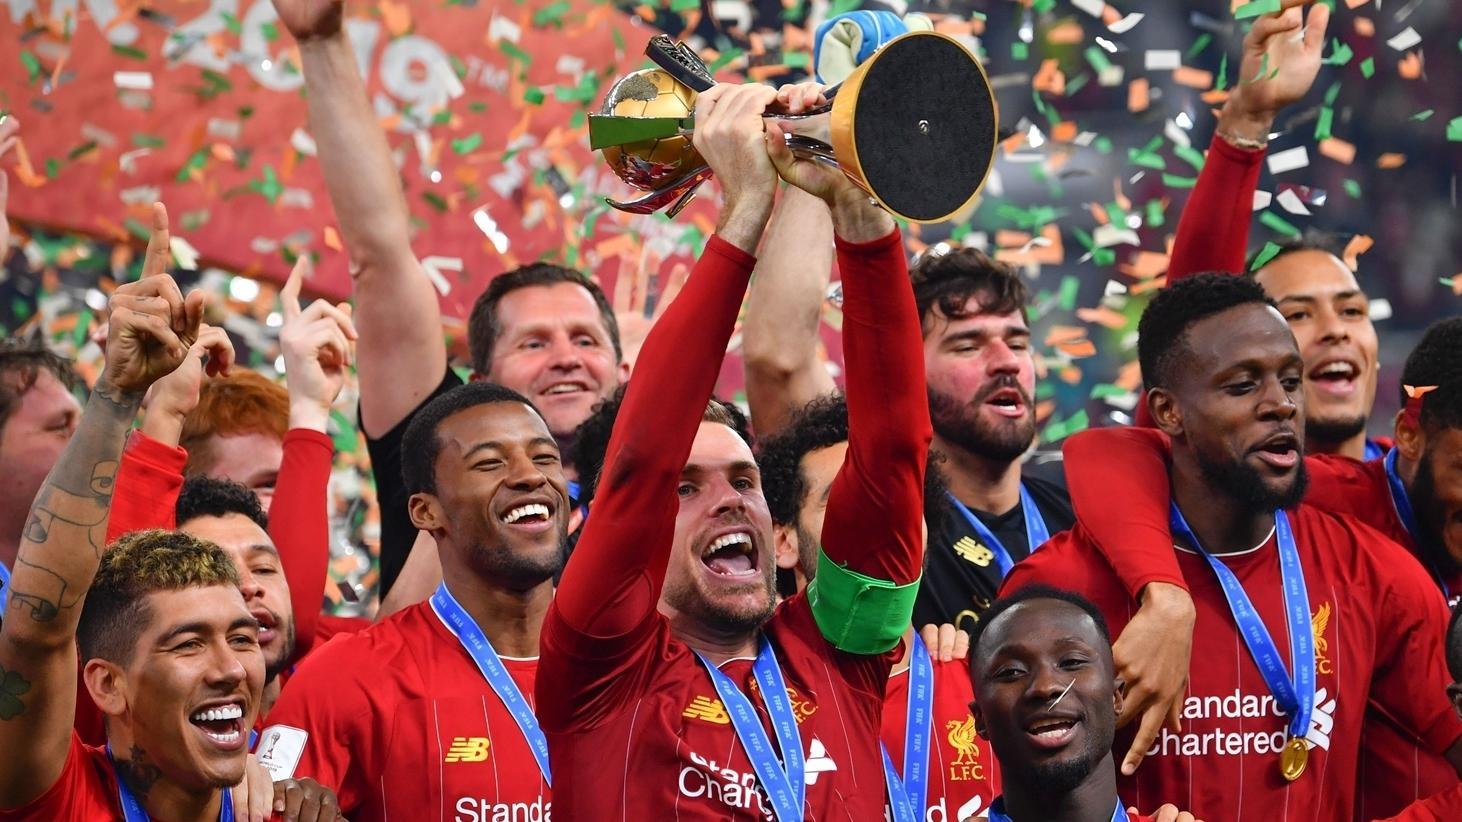 Барселона празднует победу на клубном чемпионате мира видио